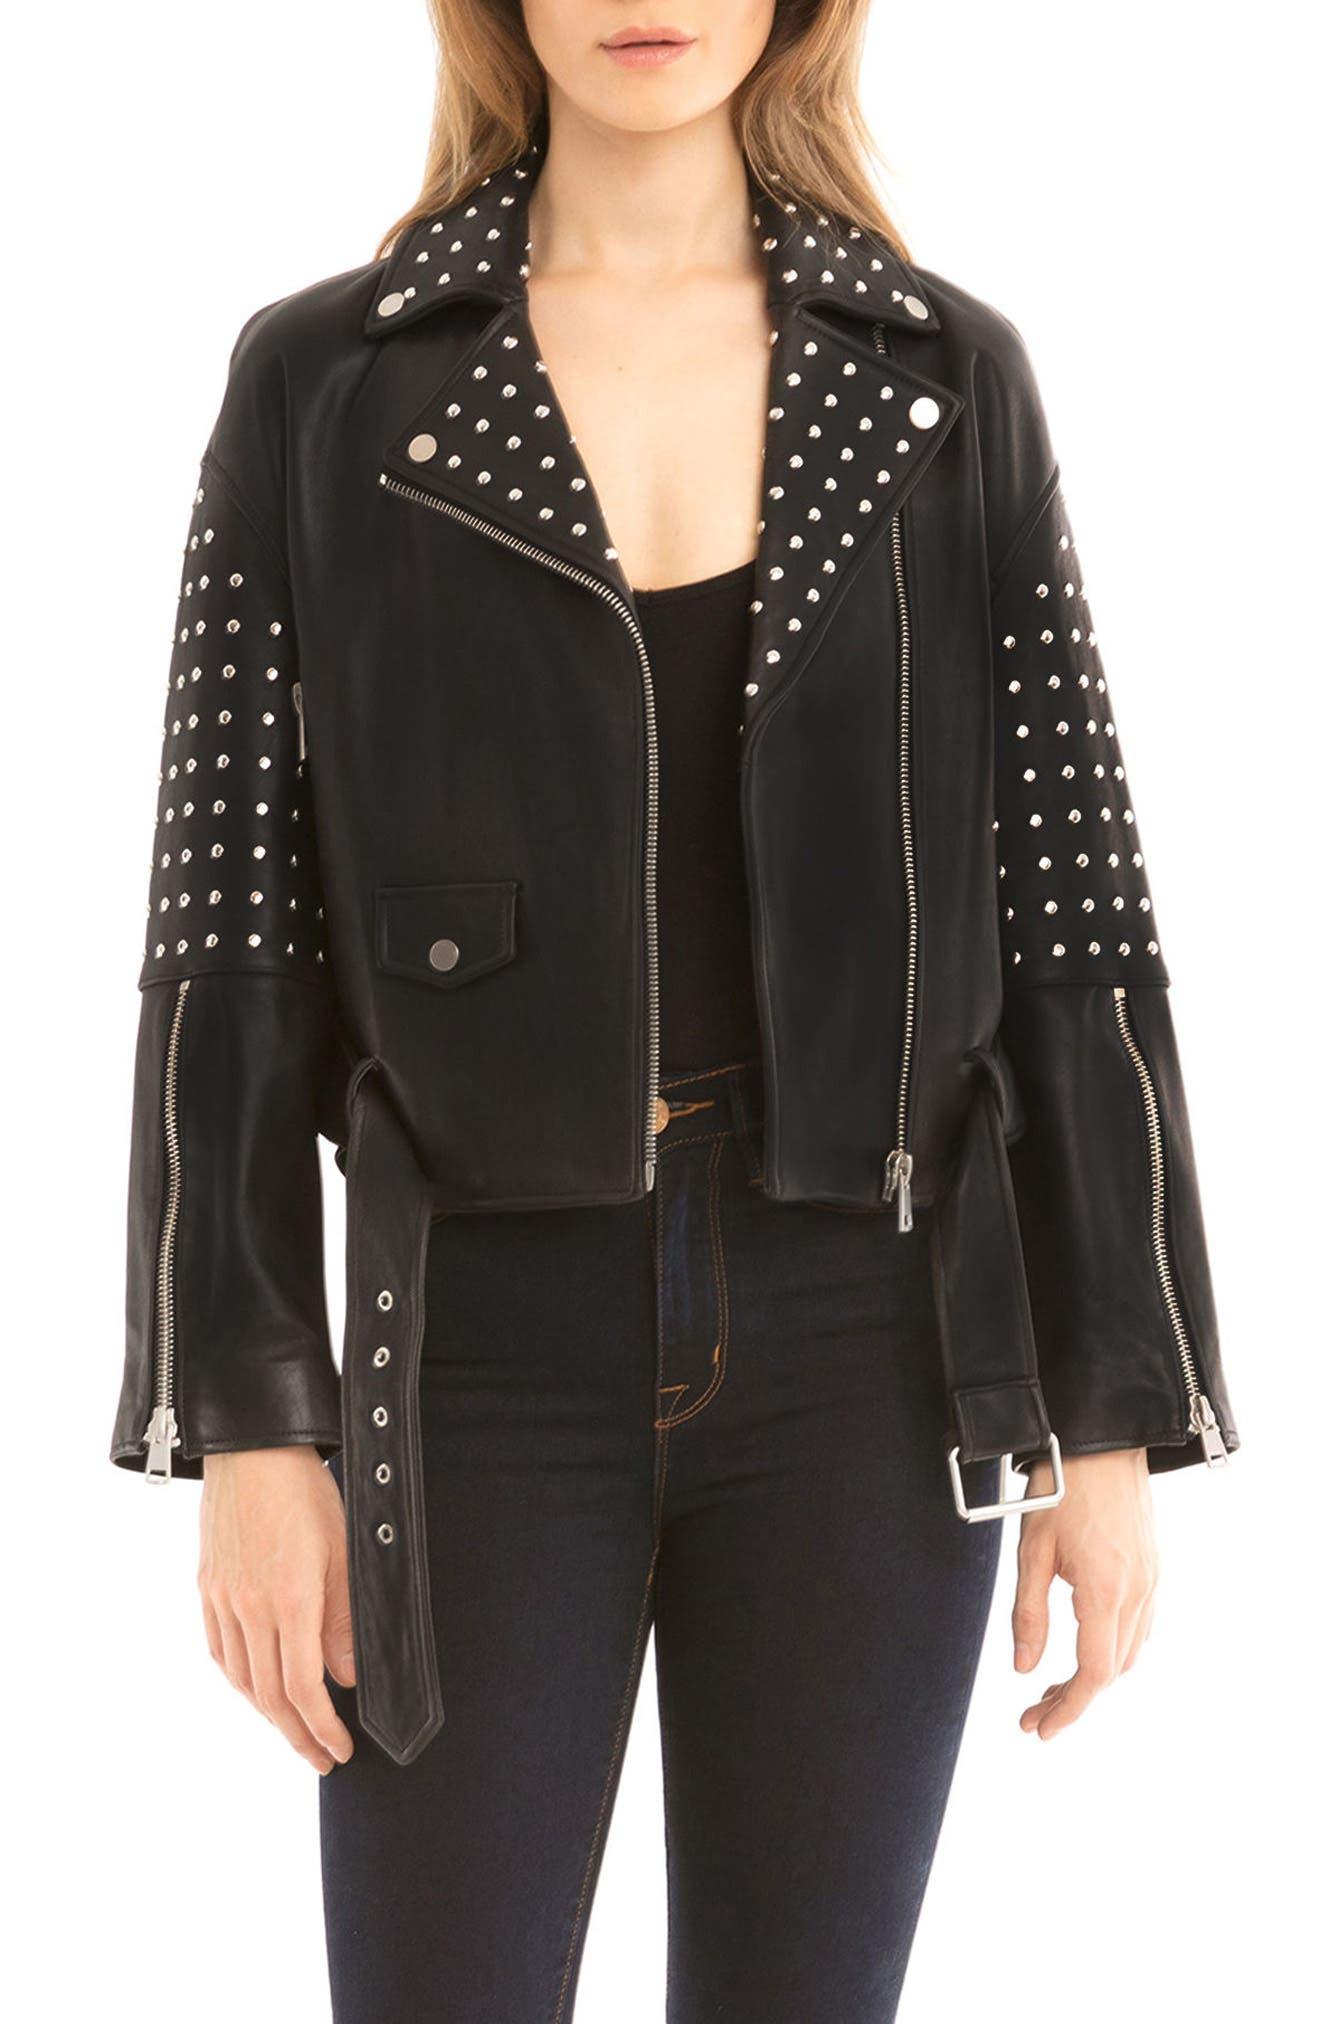 Main Image - Bagatelle Studded Leather Jacket